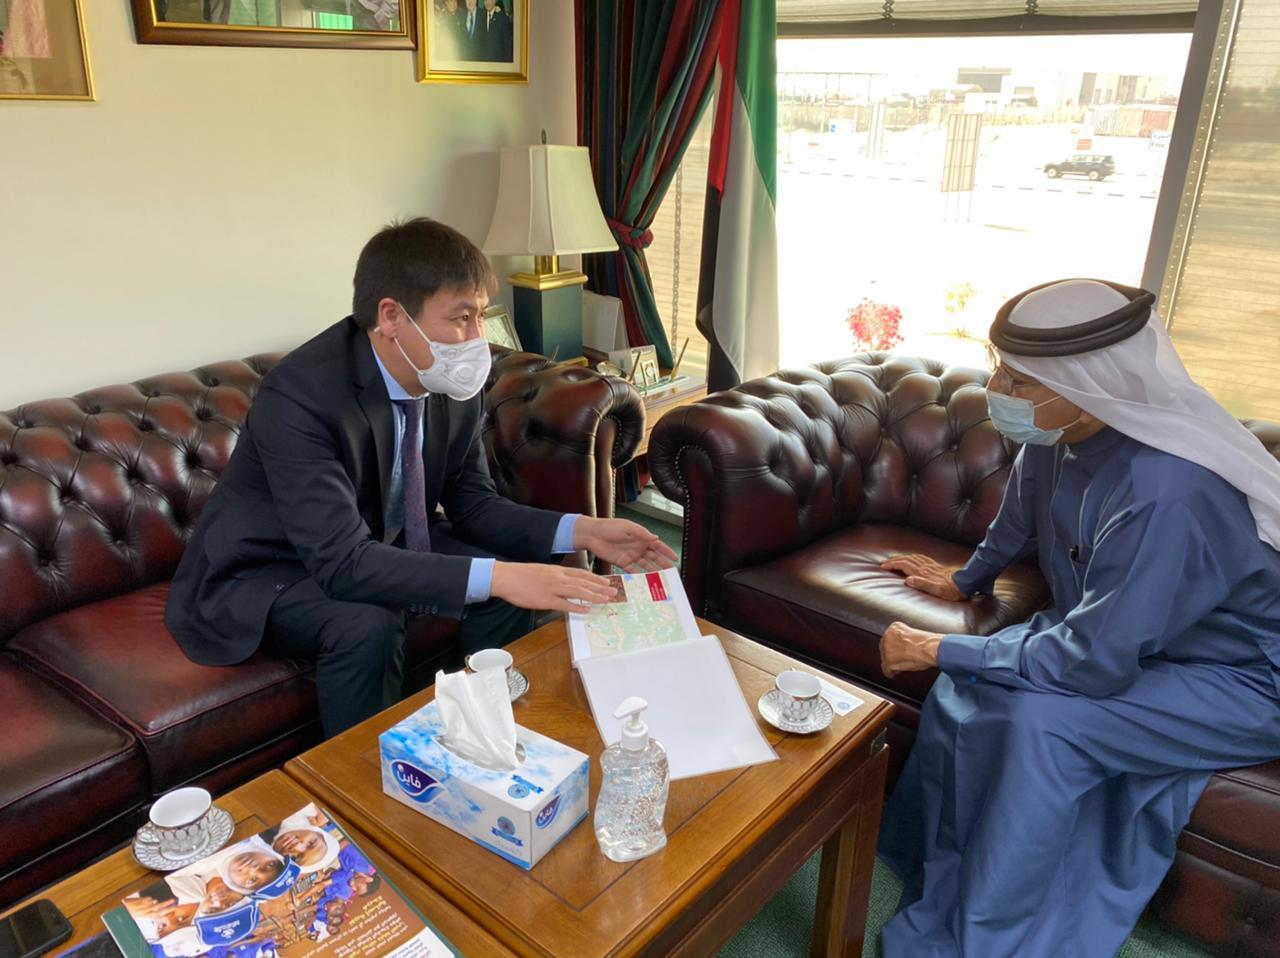 Хамдан бин Рашид руководит строительством школы и реализацией благотворительных проектов в Кыргызстане